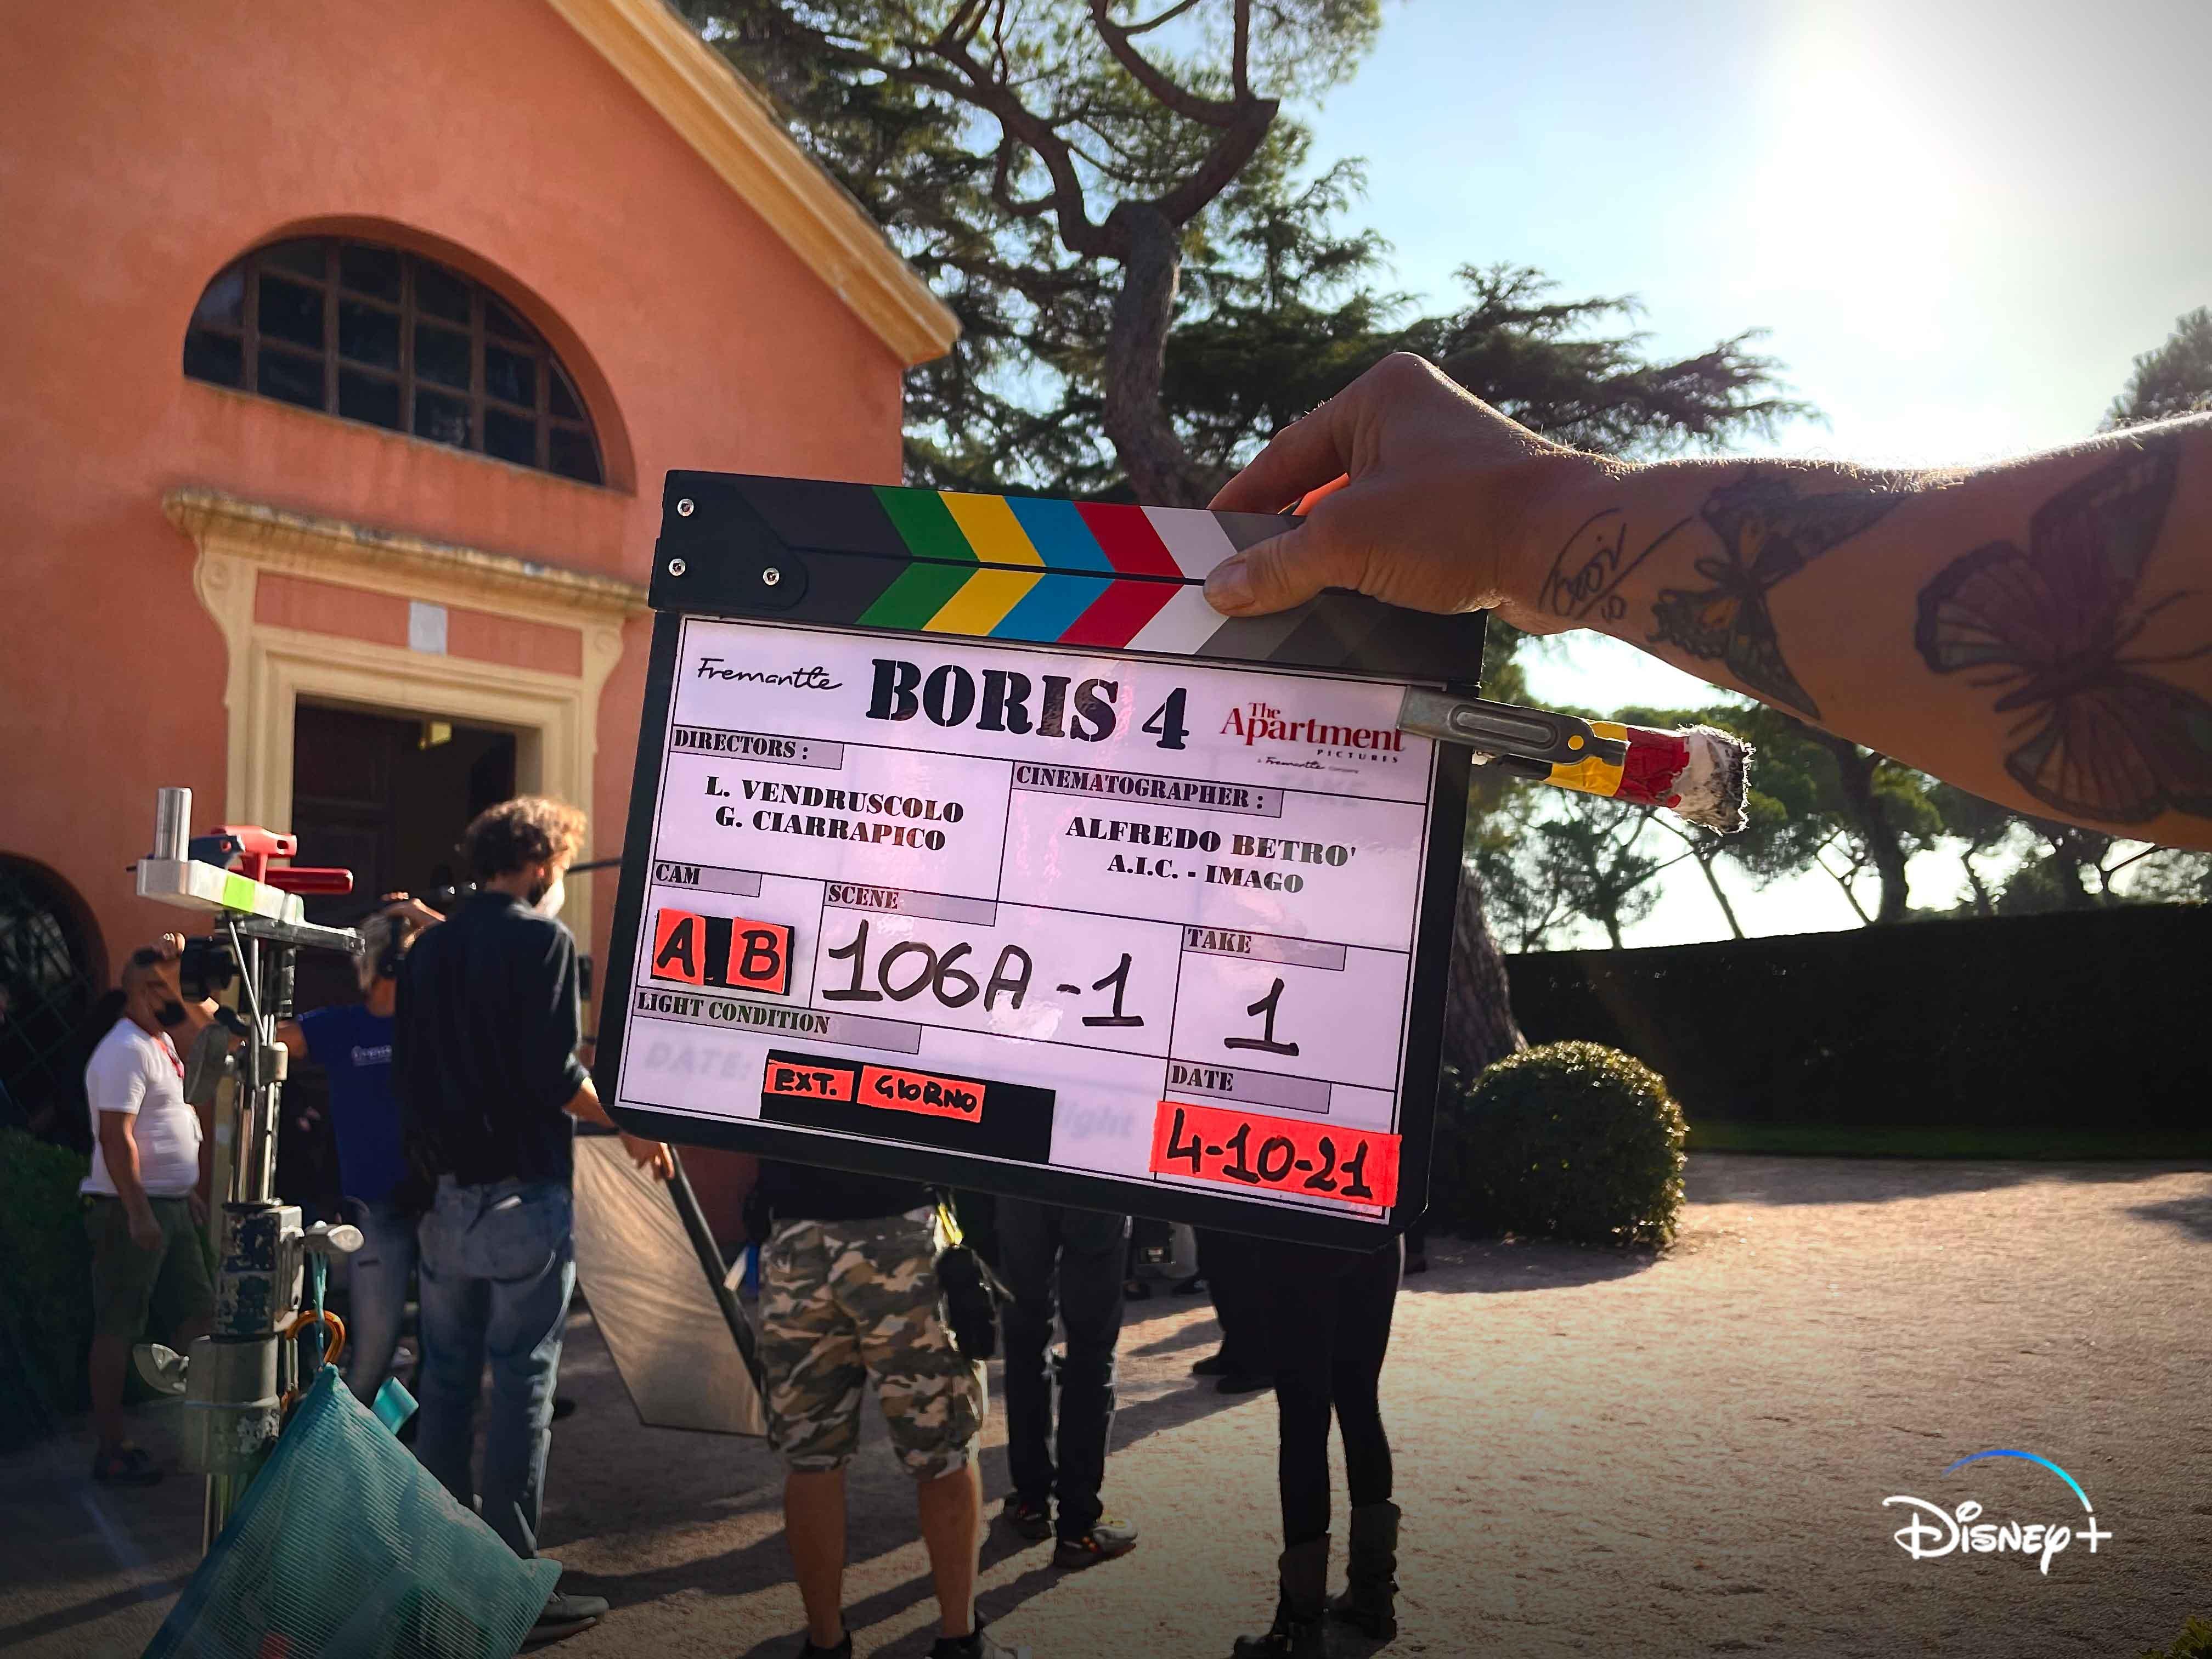 Boris sono iniziate le riprese della quarta stagione in uscita su Disney+